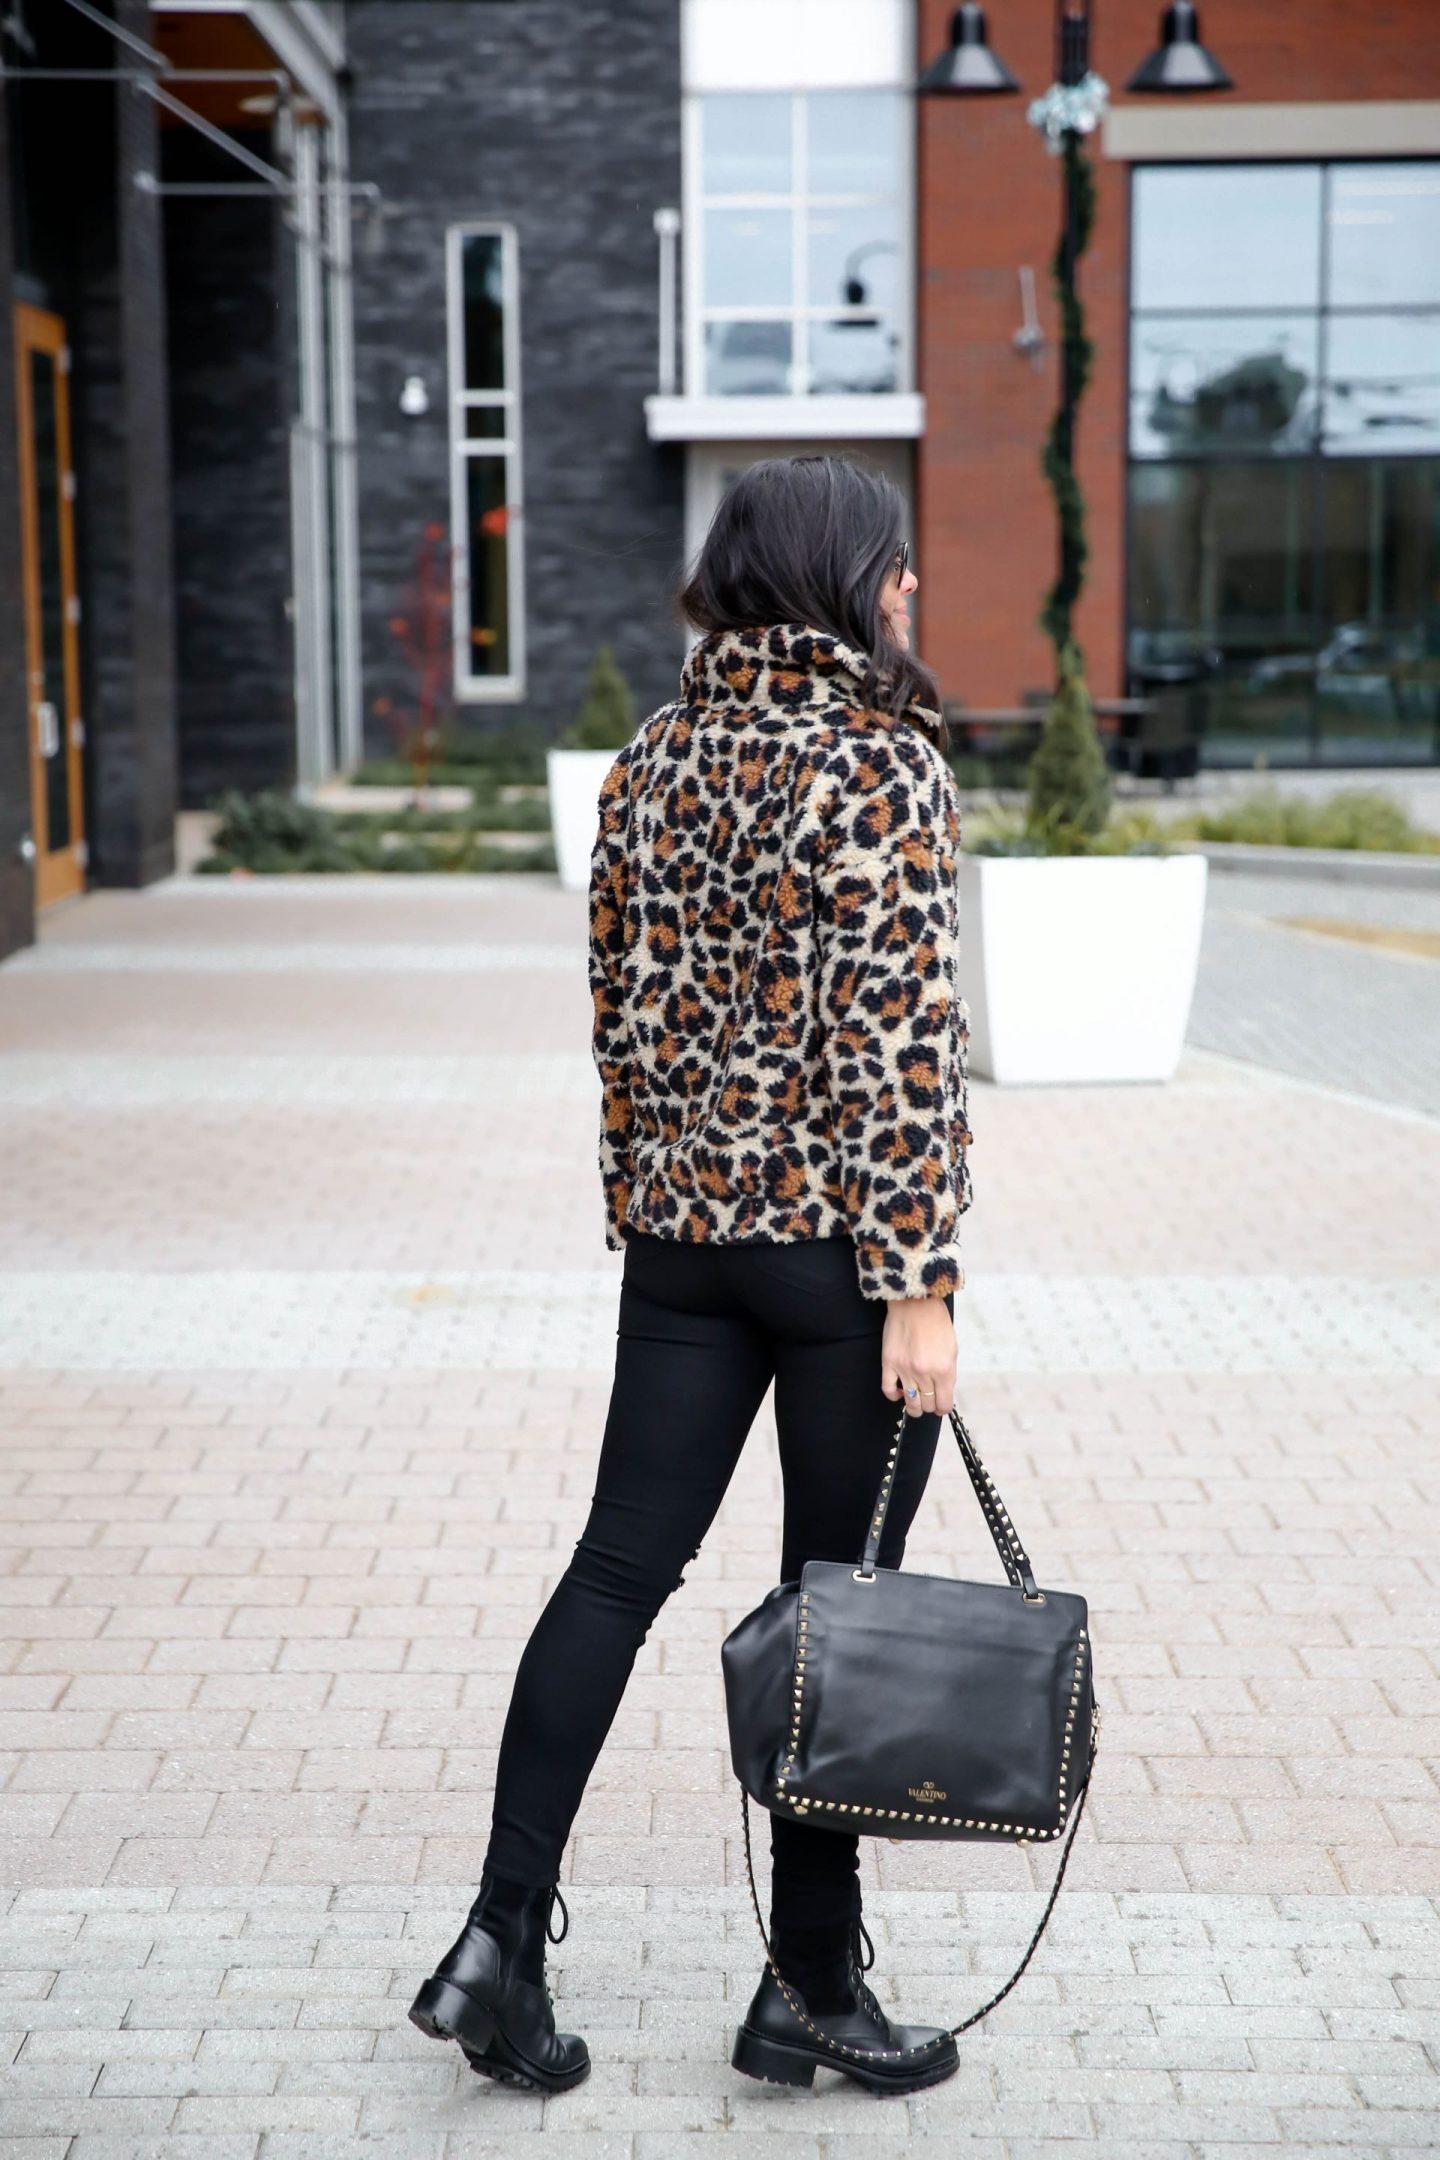 J.Crew Leopard Print Pullover - Winter Outfit - Lauren Schwaiger